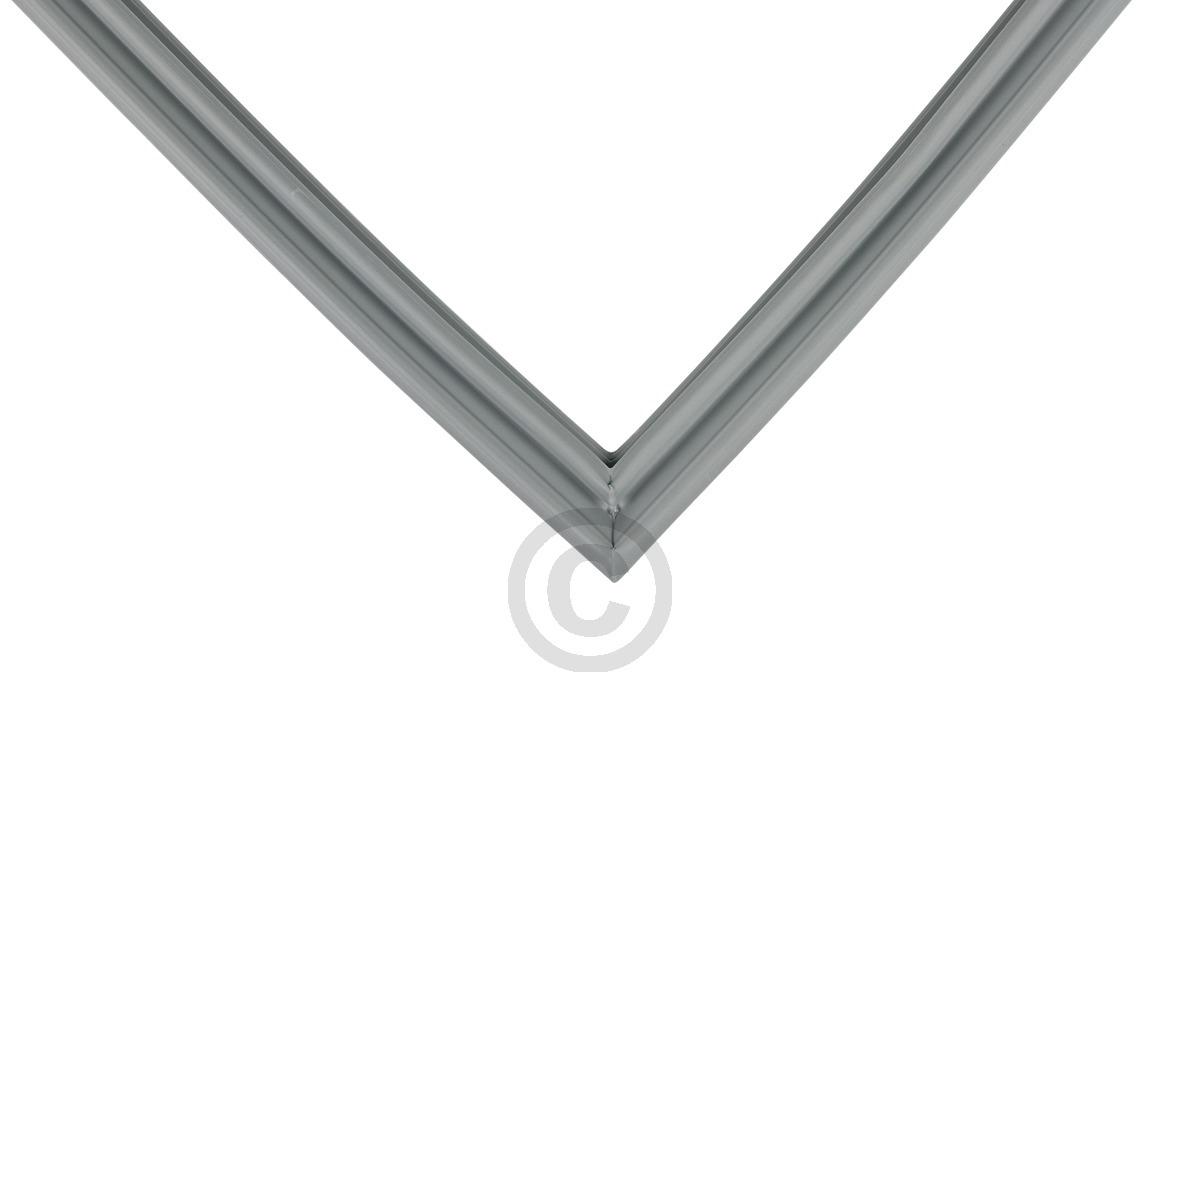 Türdichtung Bosch 00683499 für Gefrierteil Kühl-Gefrierkombination